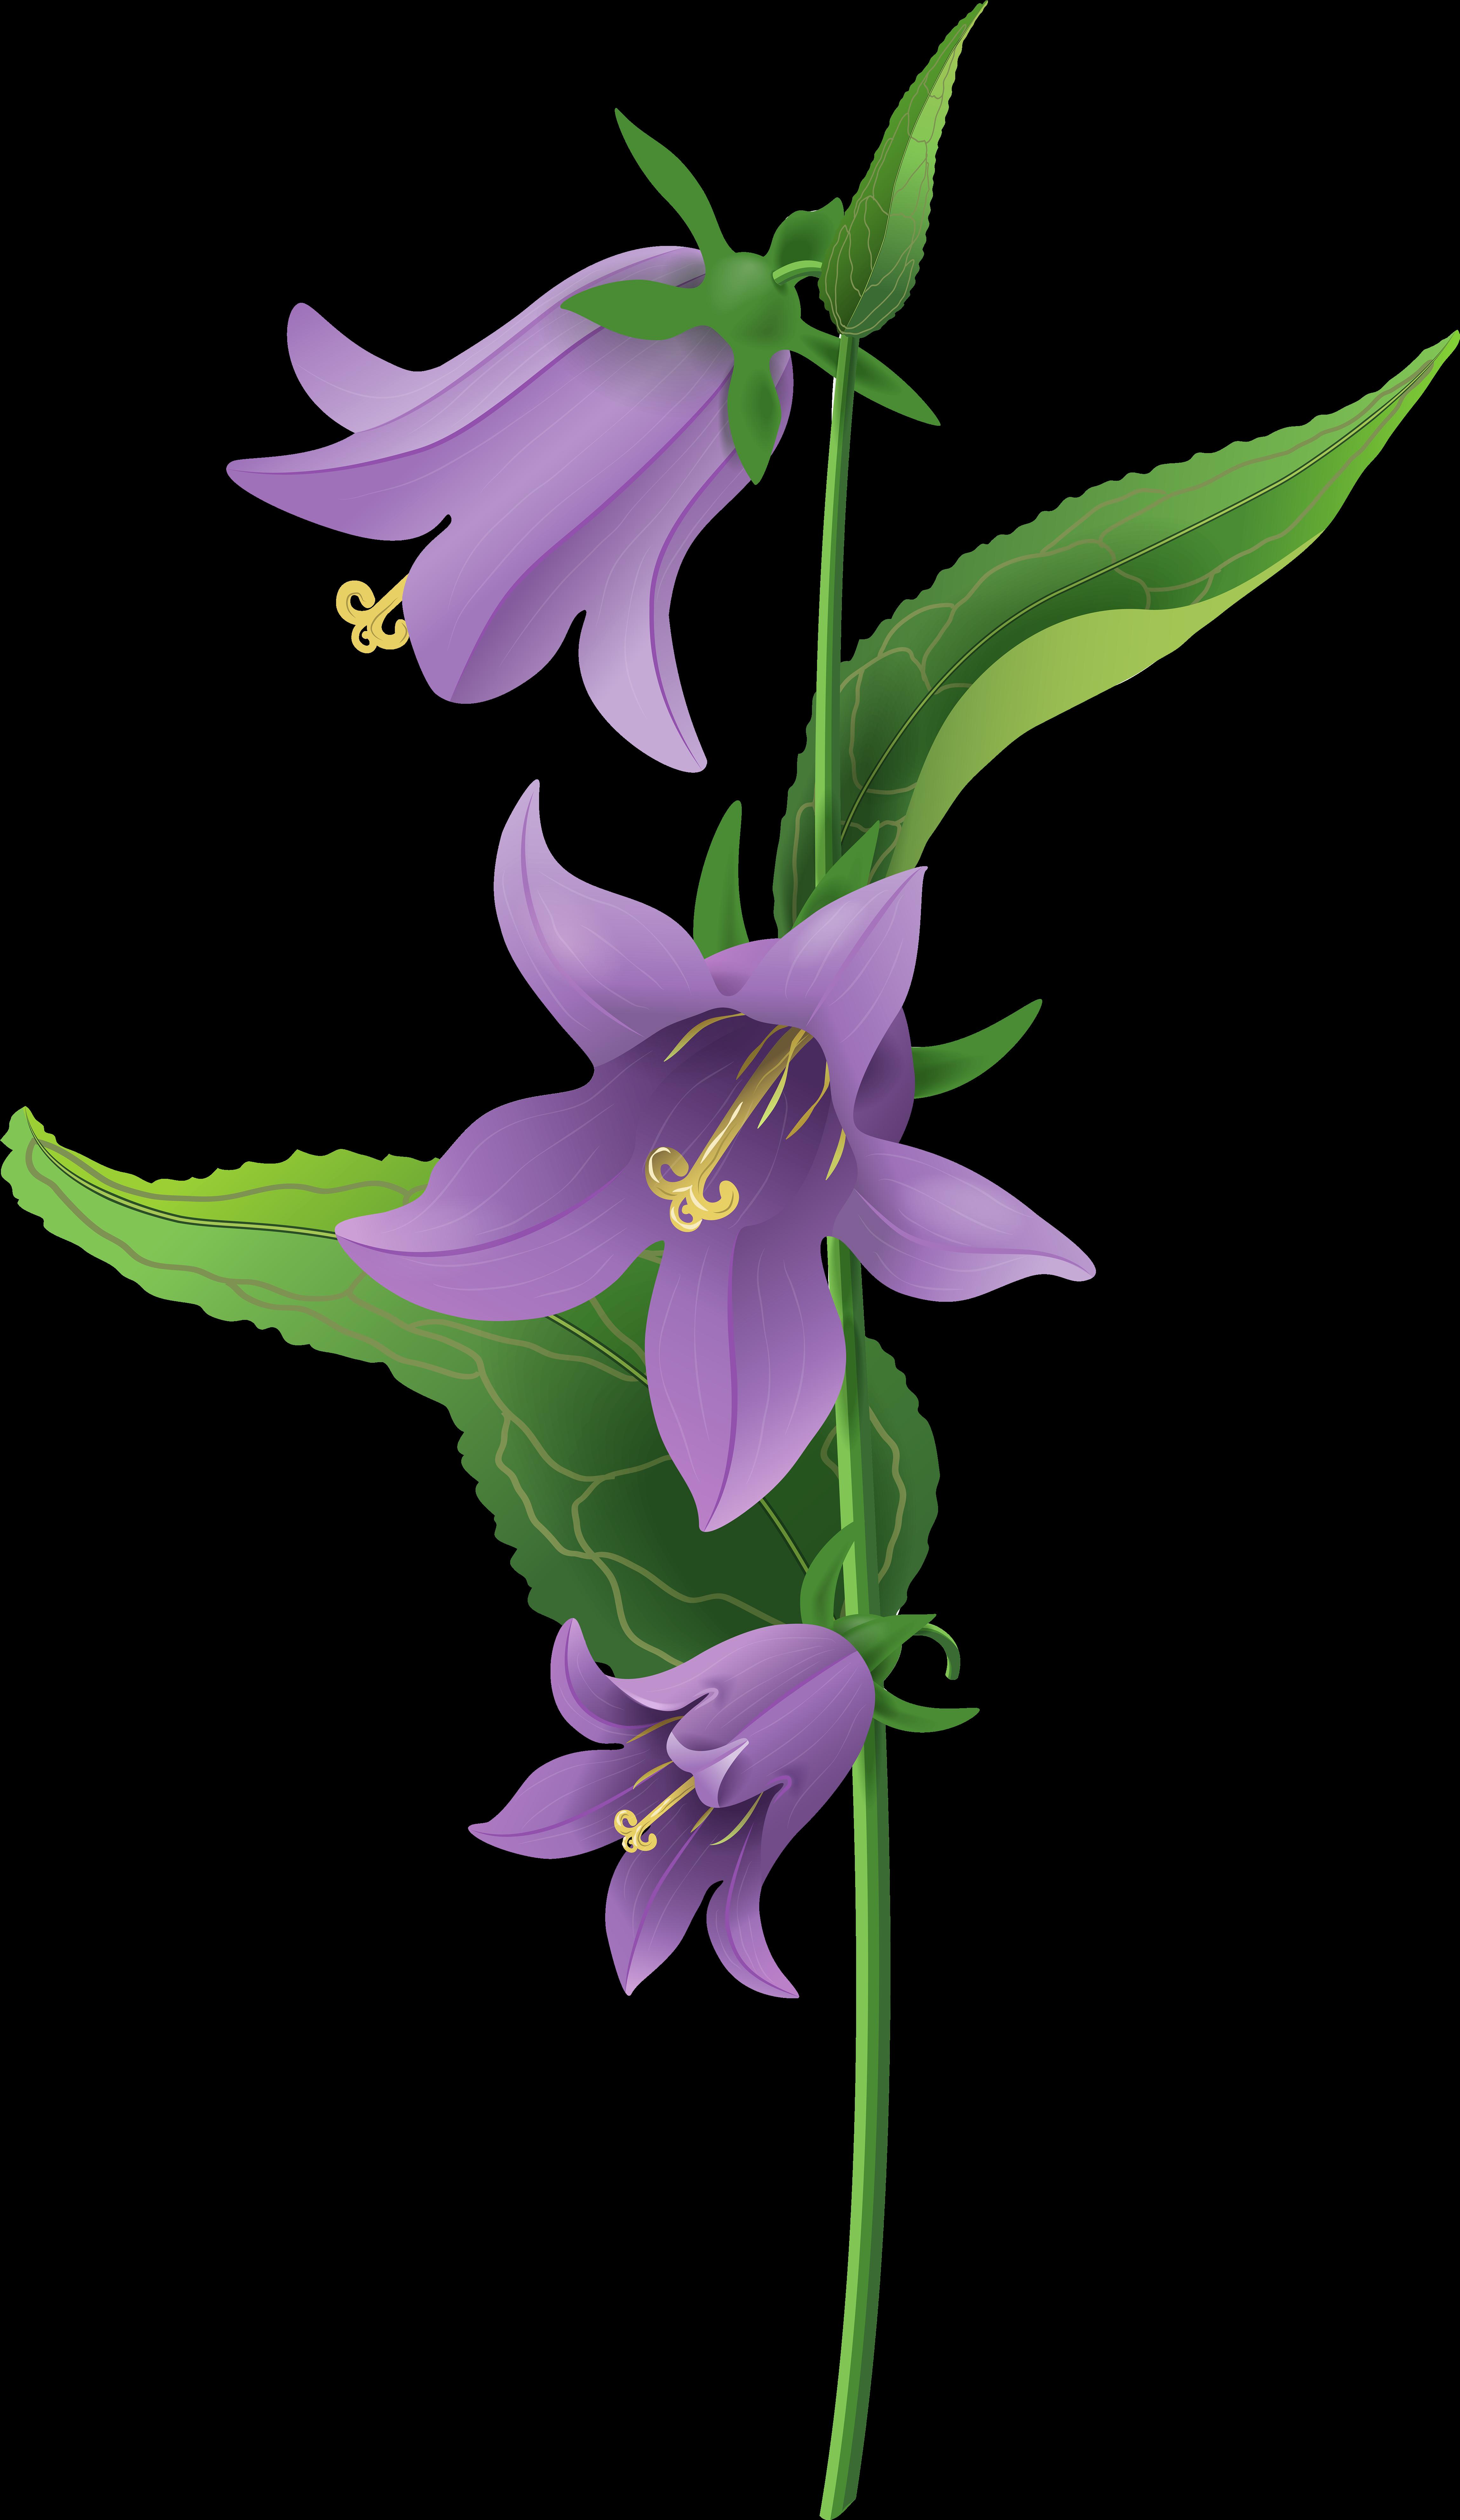 Цветы колокольчик картинки для детей на прозрачном фоне